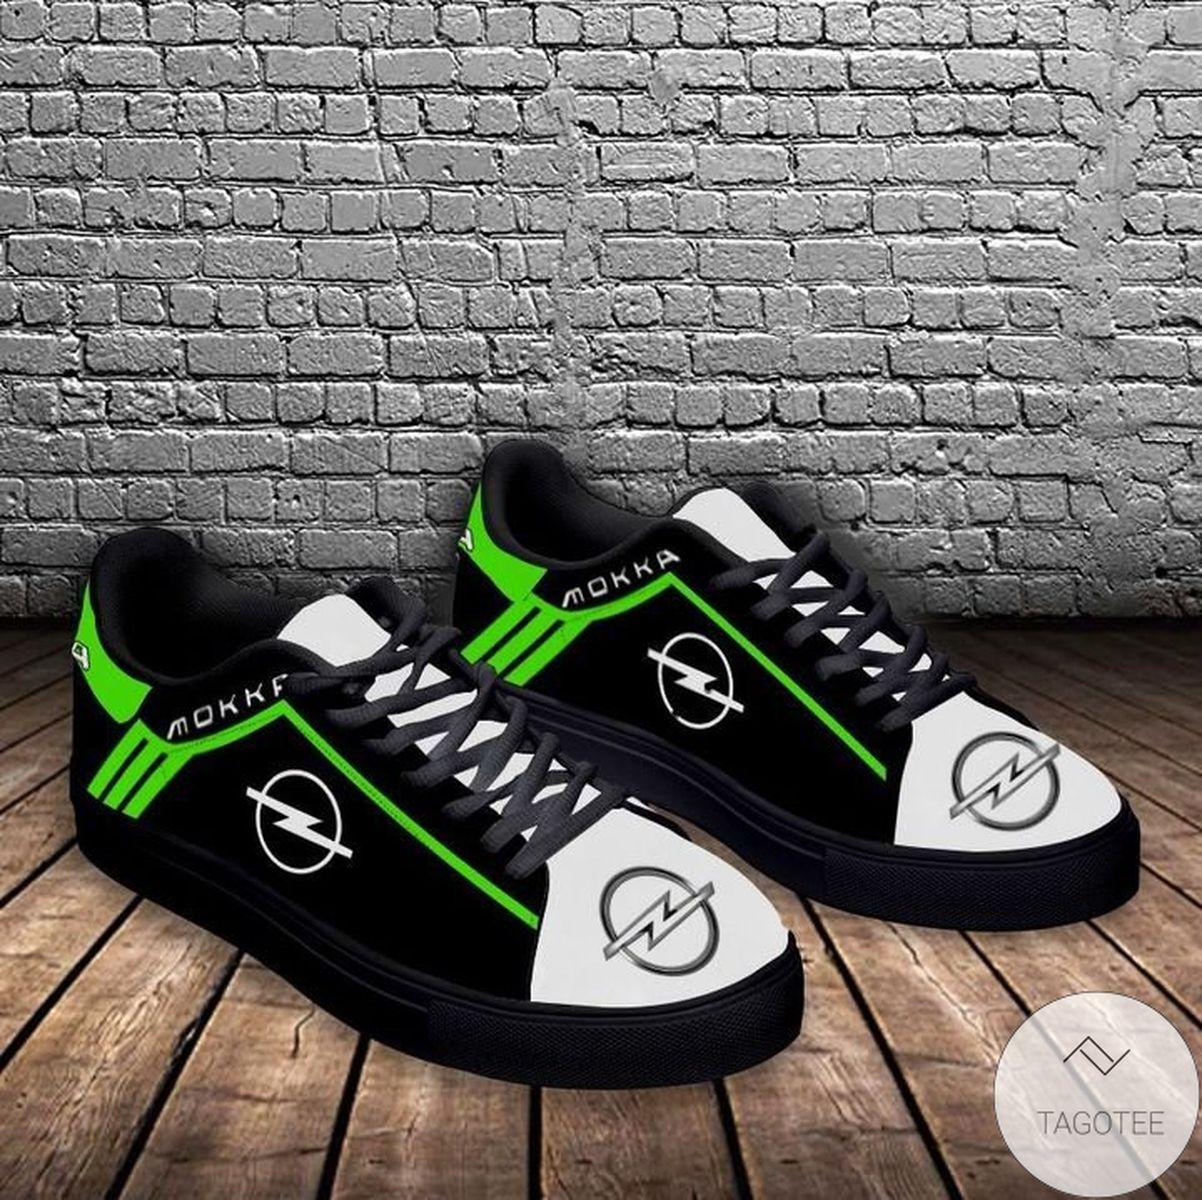 Opel Mokka Stan Smith Shoes